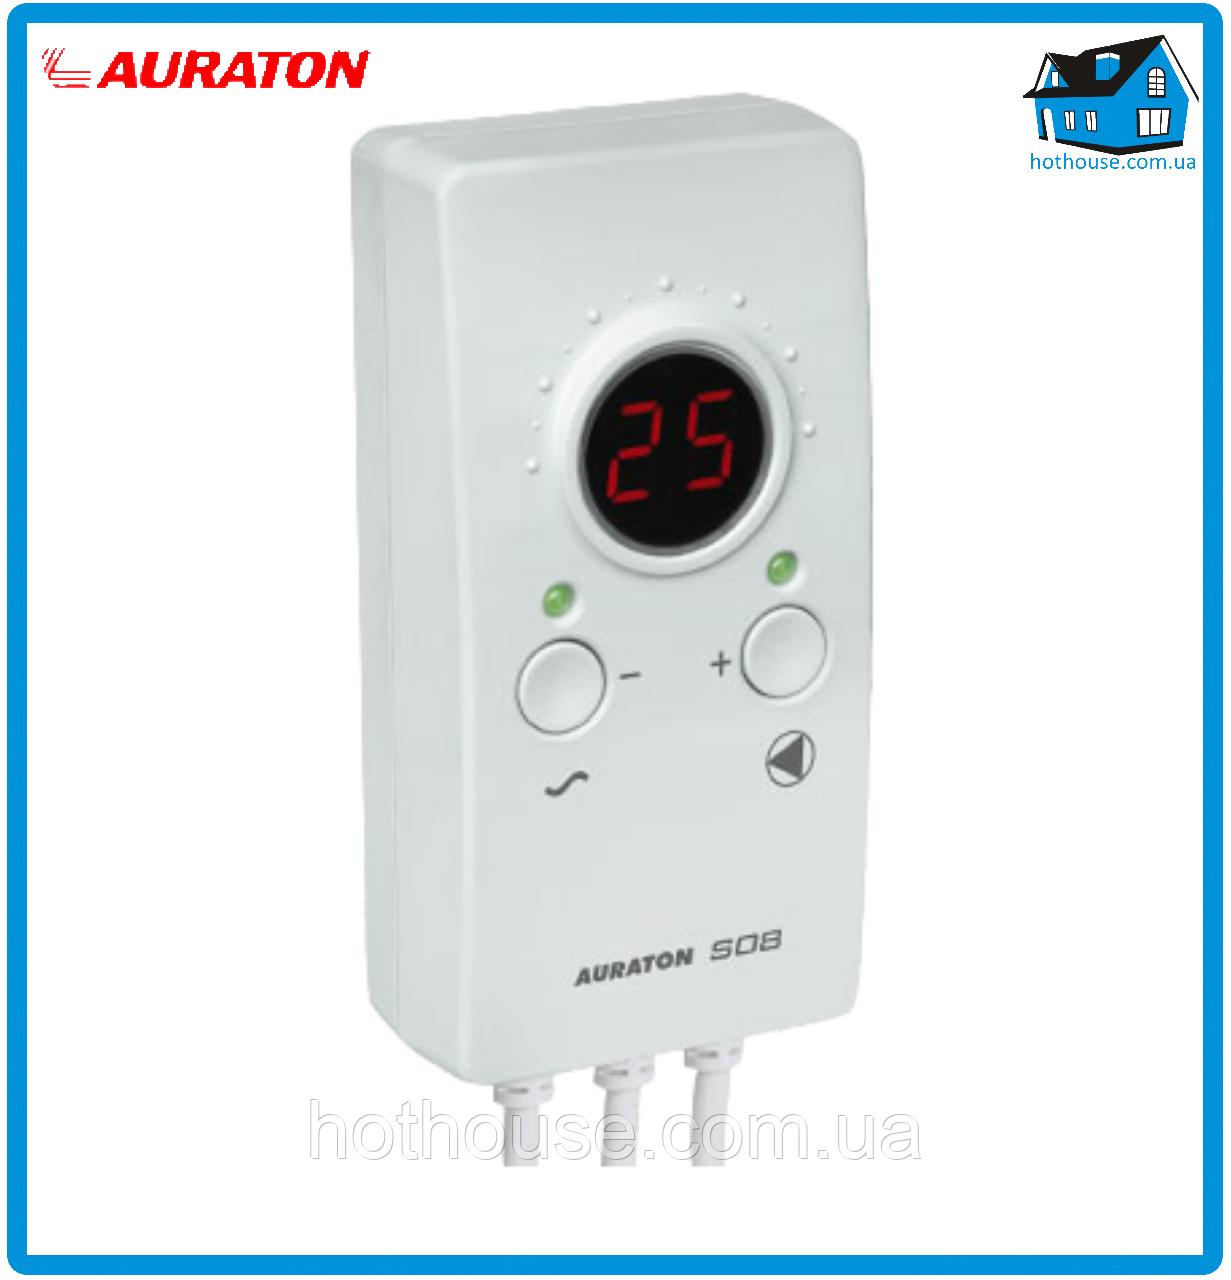 Универсальный контроллер Auraton S08 для насосов отопления и ГВС